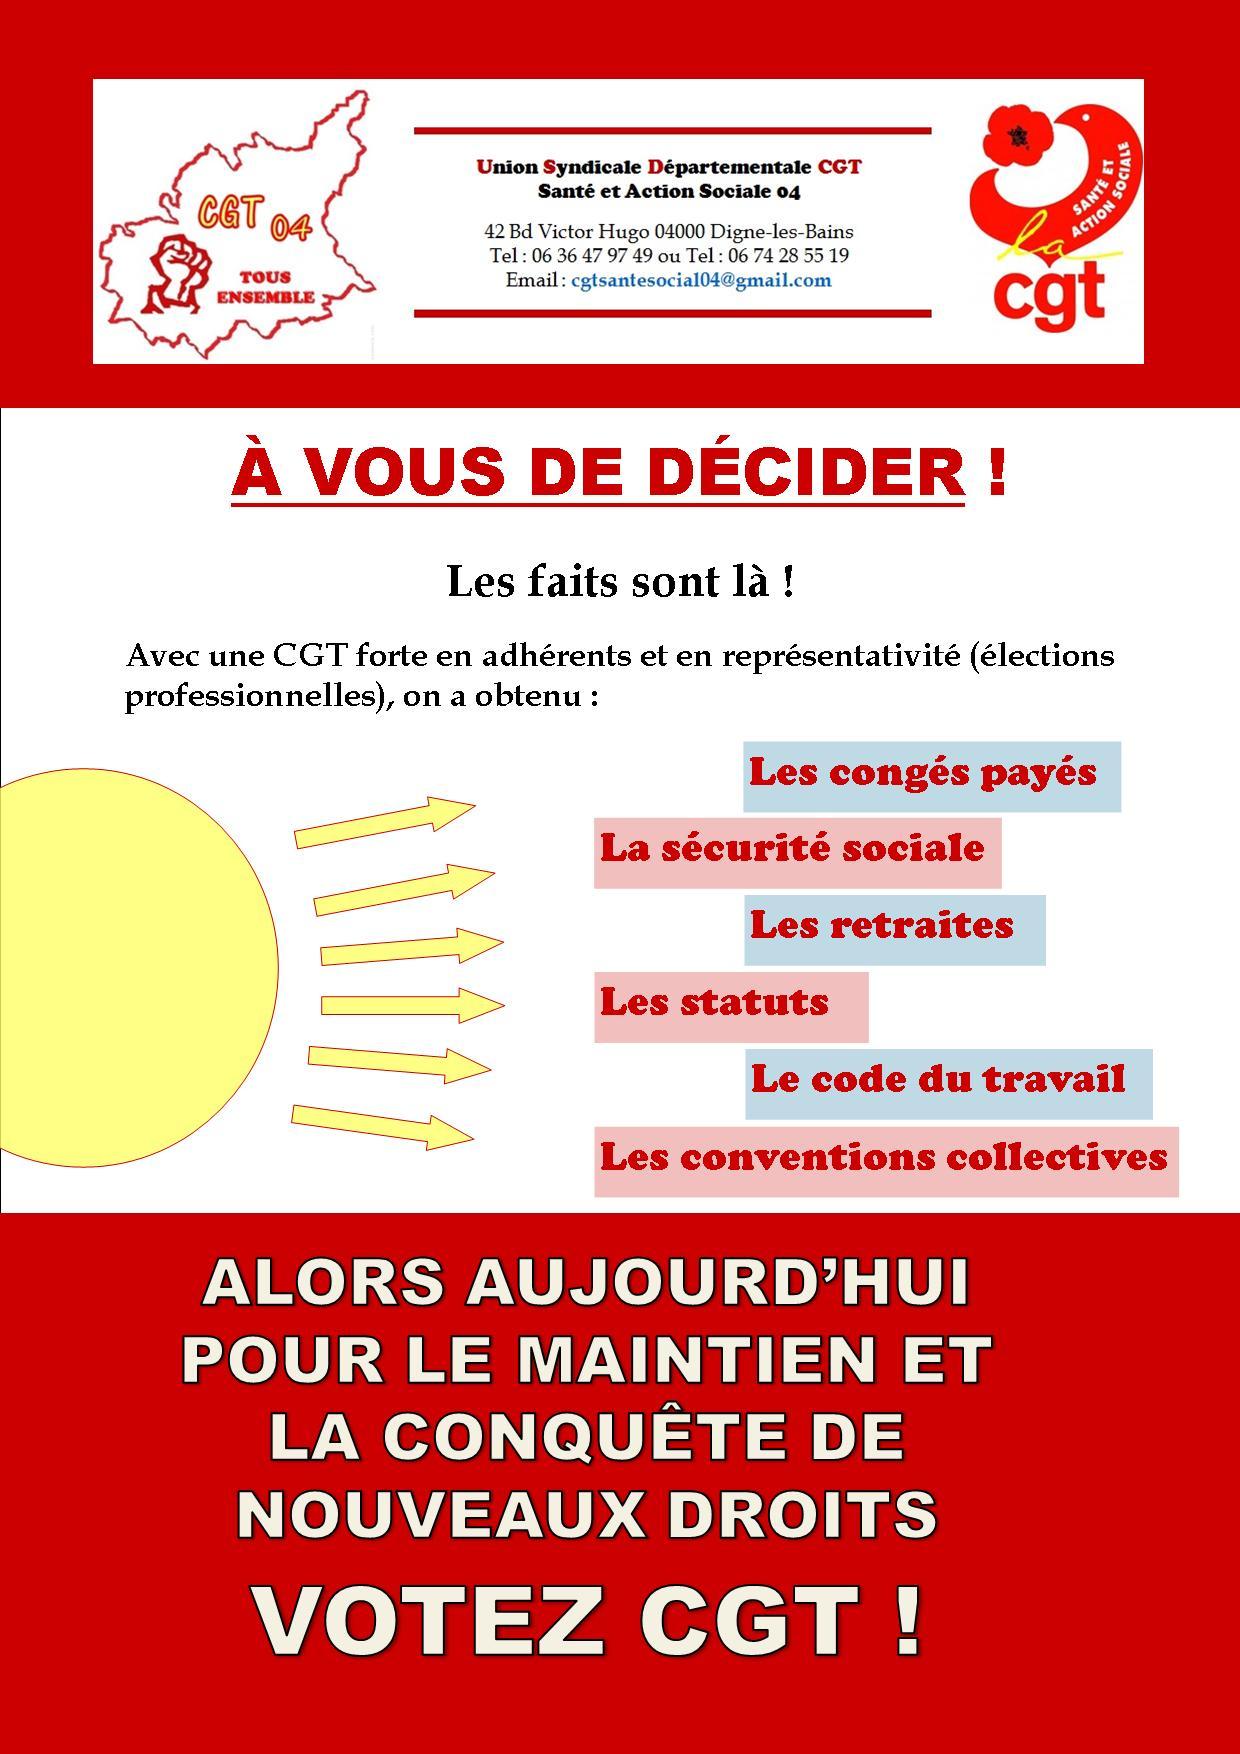 USD CGT Santé élections professionnelles 6 décembre 2018 (4)